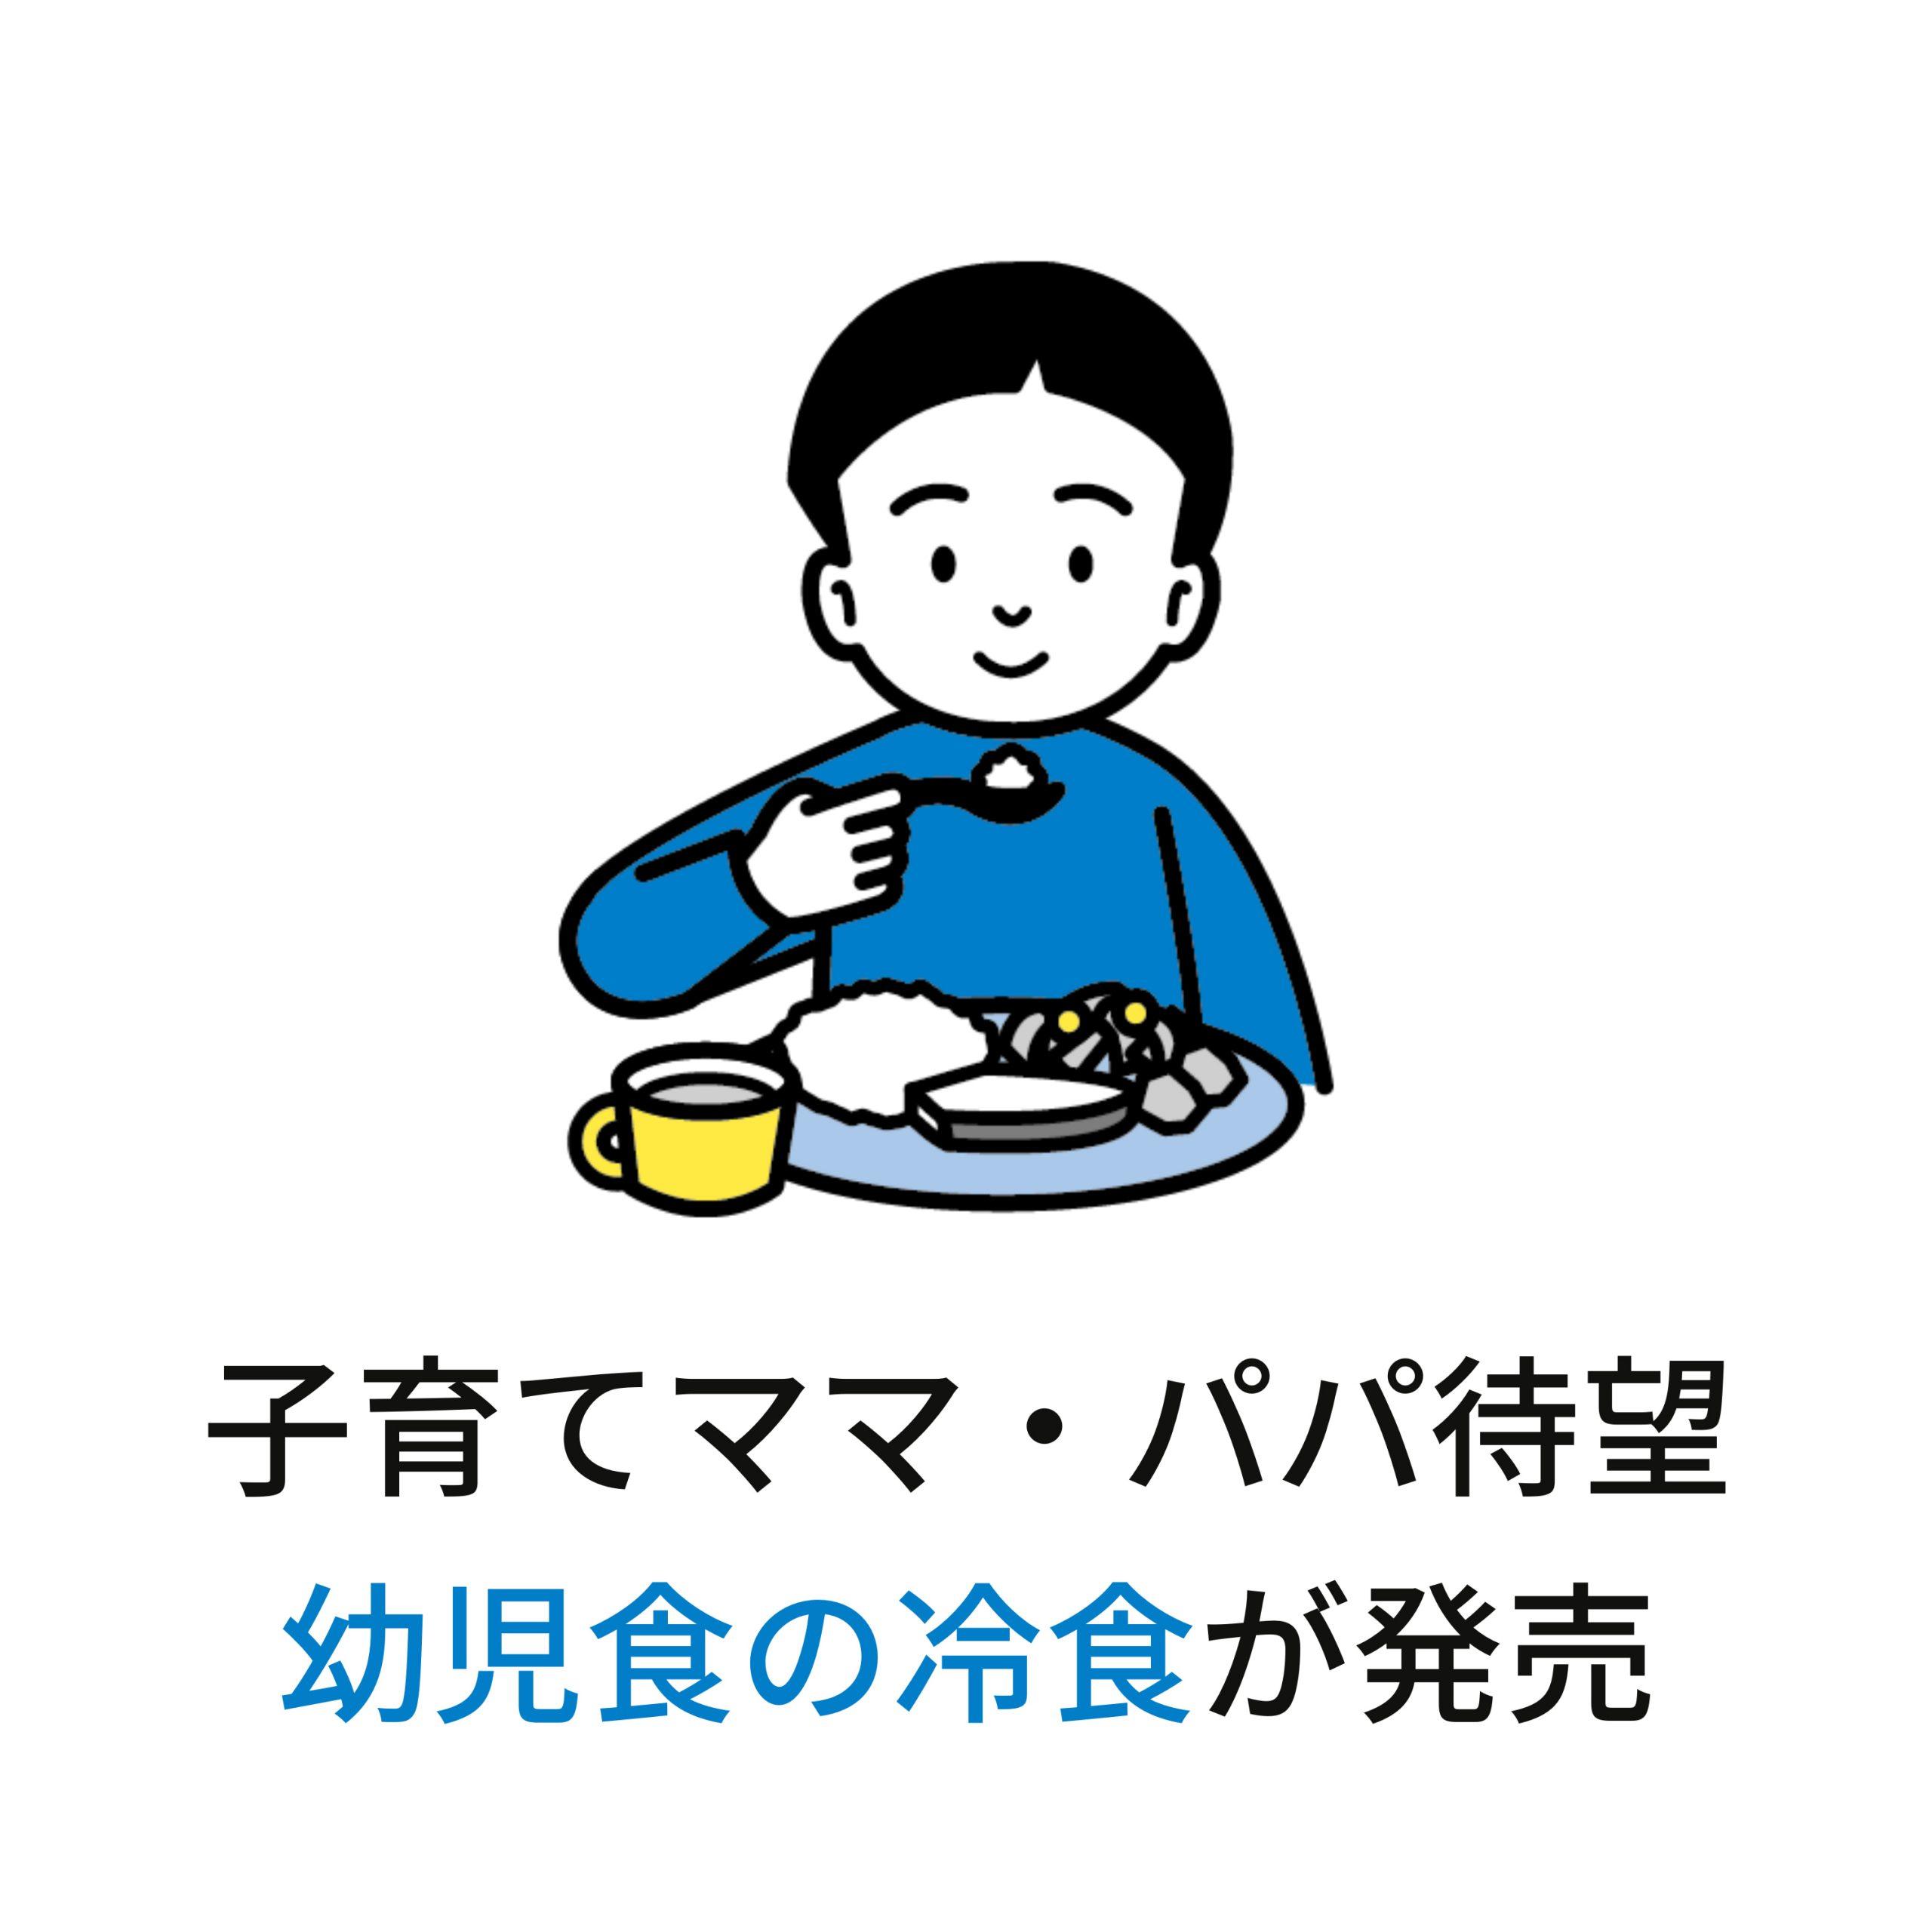 ニッスイが幼児食用の冷凍食品2種を発売【首都圏限定】